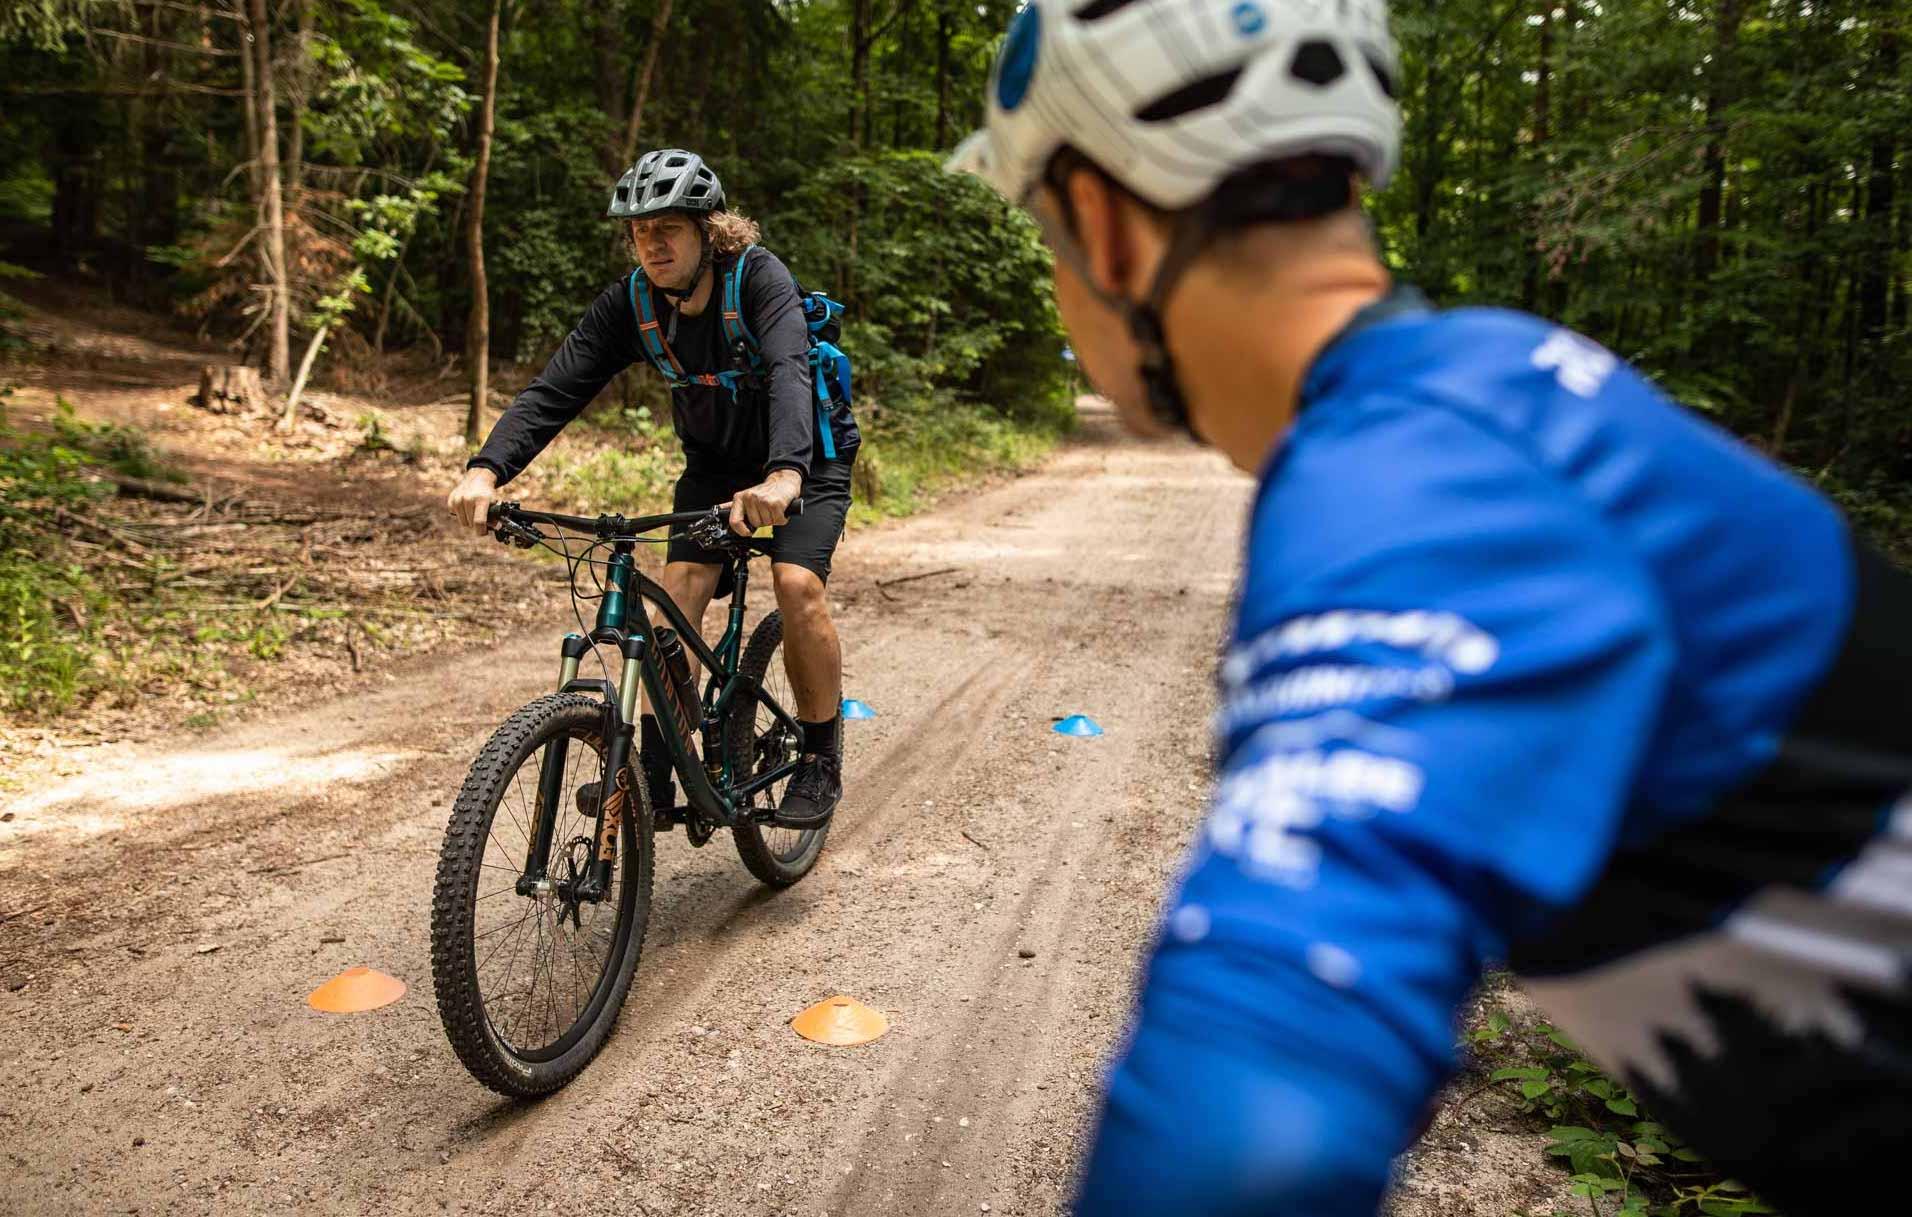 MTB Fahrtechnik Kurs für Einsteiger in Siegburg   Bonn - Mountainbike Basic - Rock my Trail Bikeschule - 12